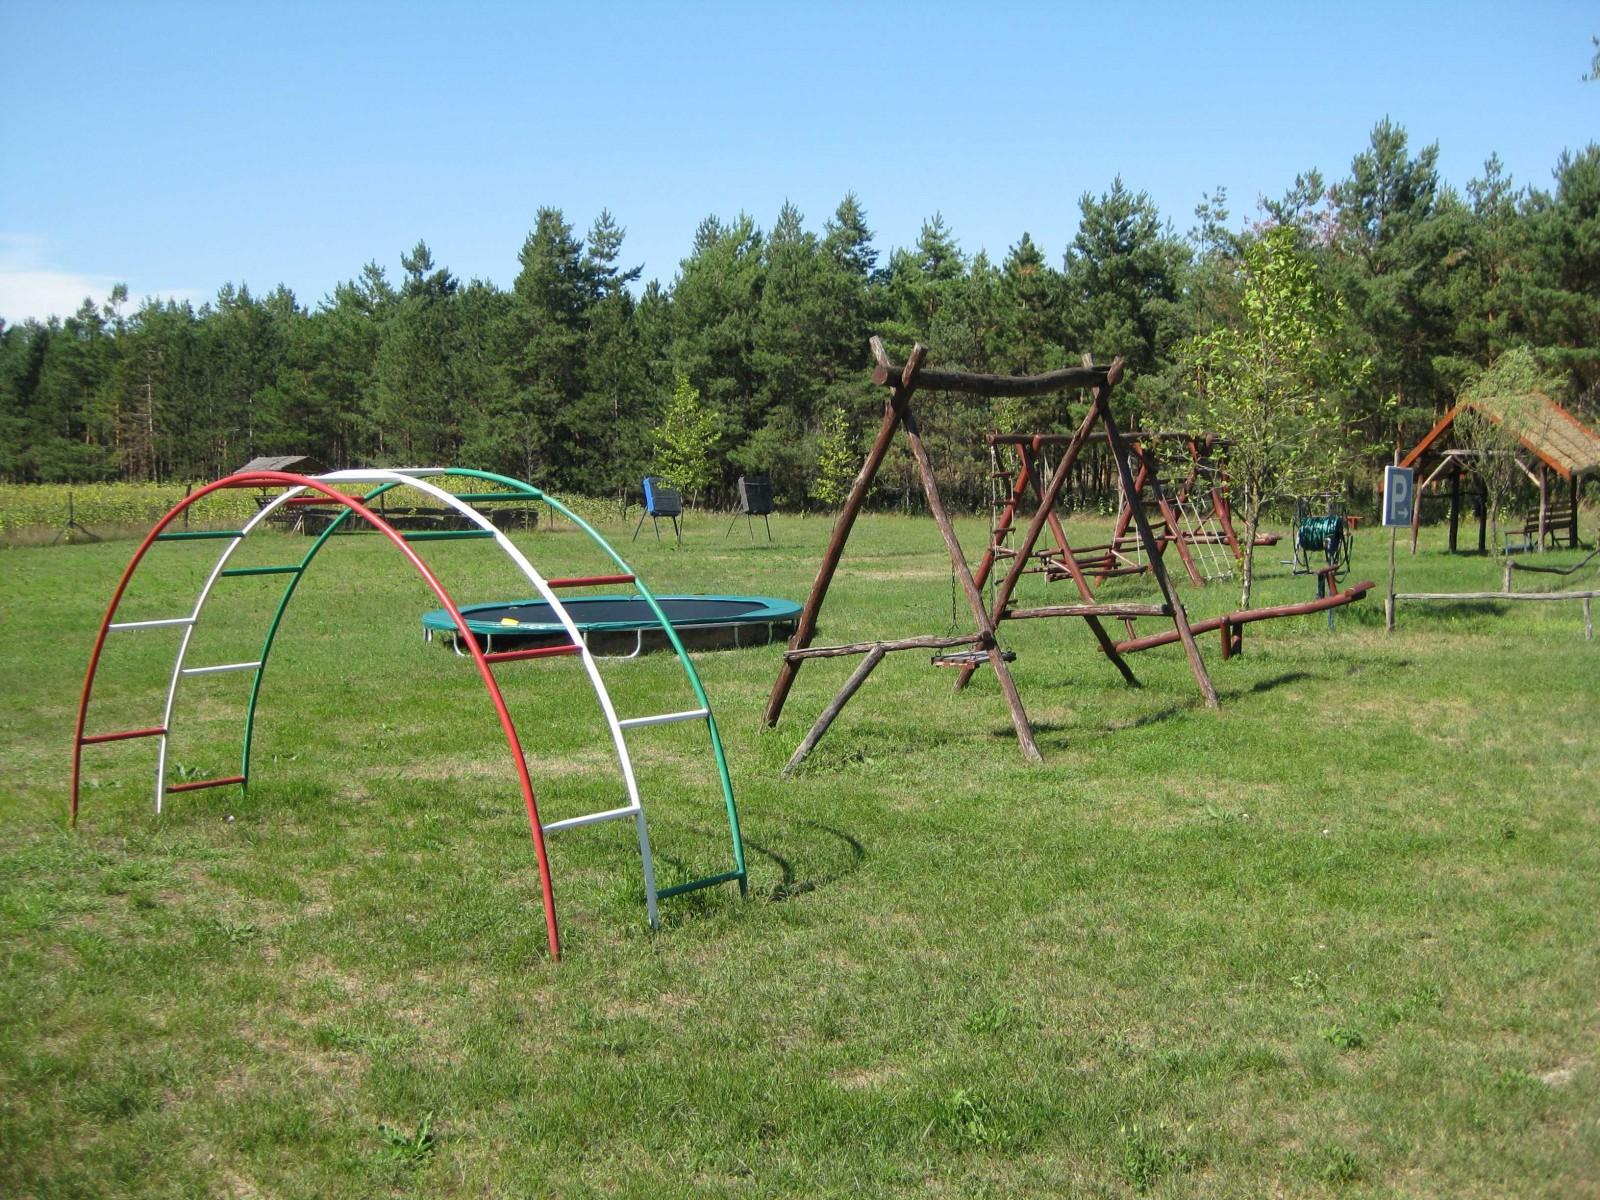 foto8-trampoline-e1422827235776